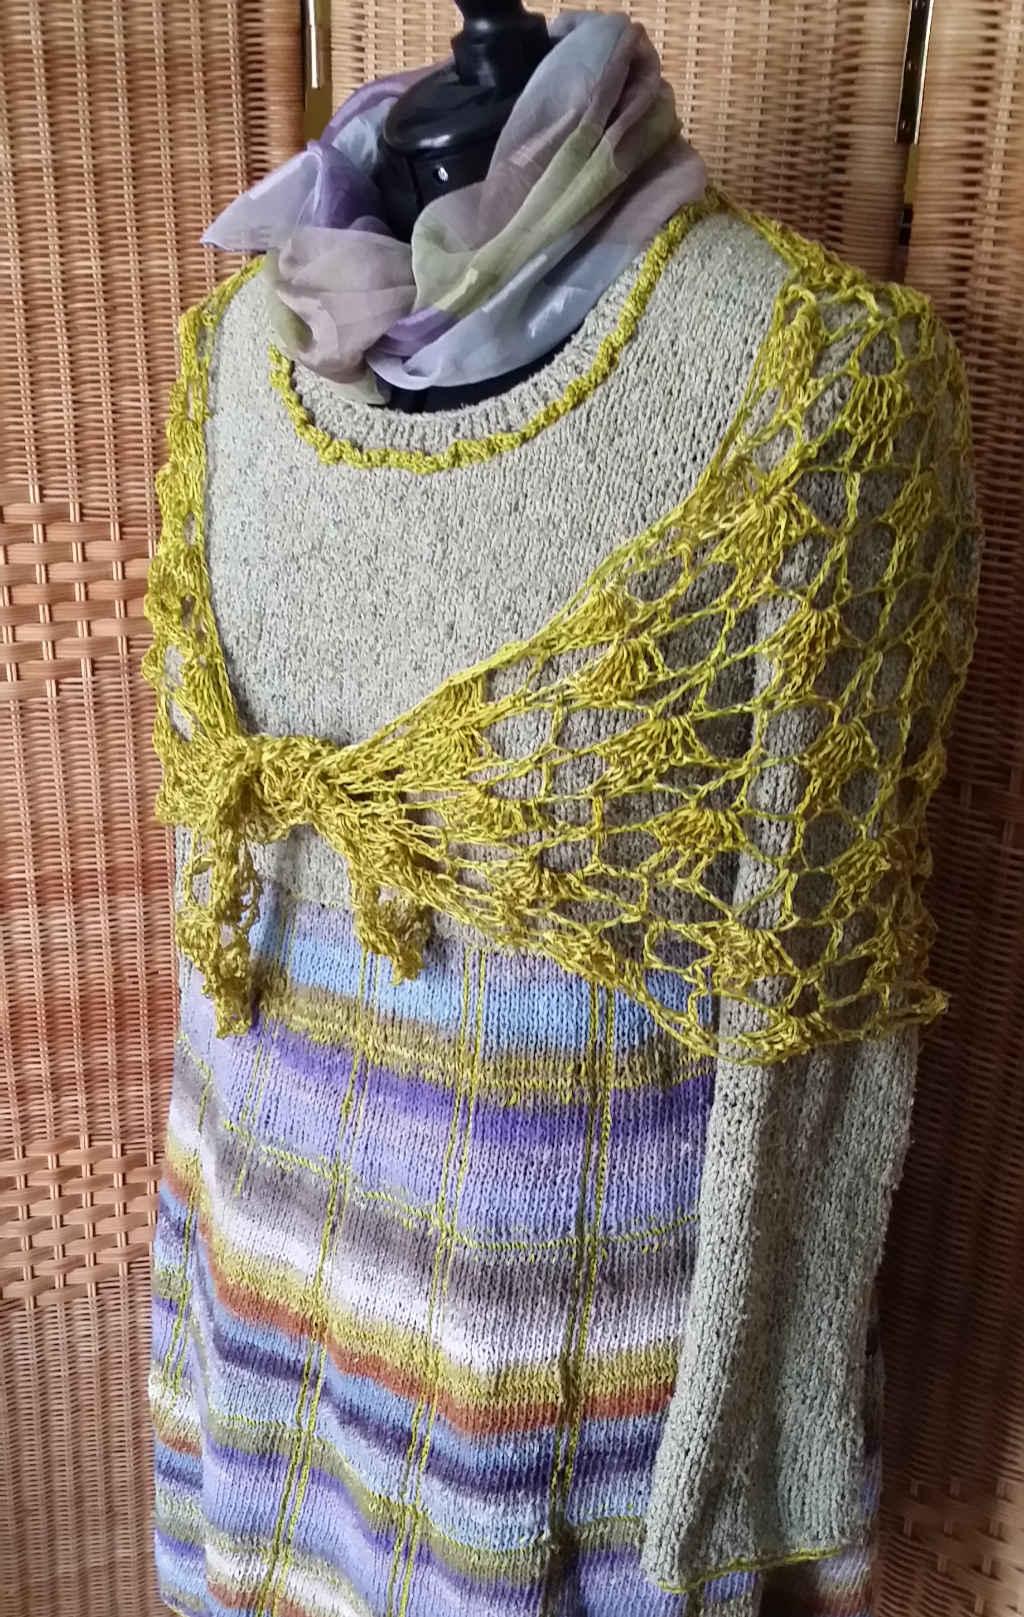 Strickkleid mit Noro Taiyo Sock 37 mit goldfarbenem Häkeltuch aus reiner Seide. Foto: Katrin Walter – Noromaniac